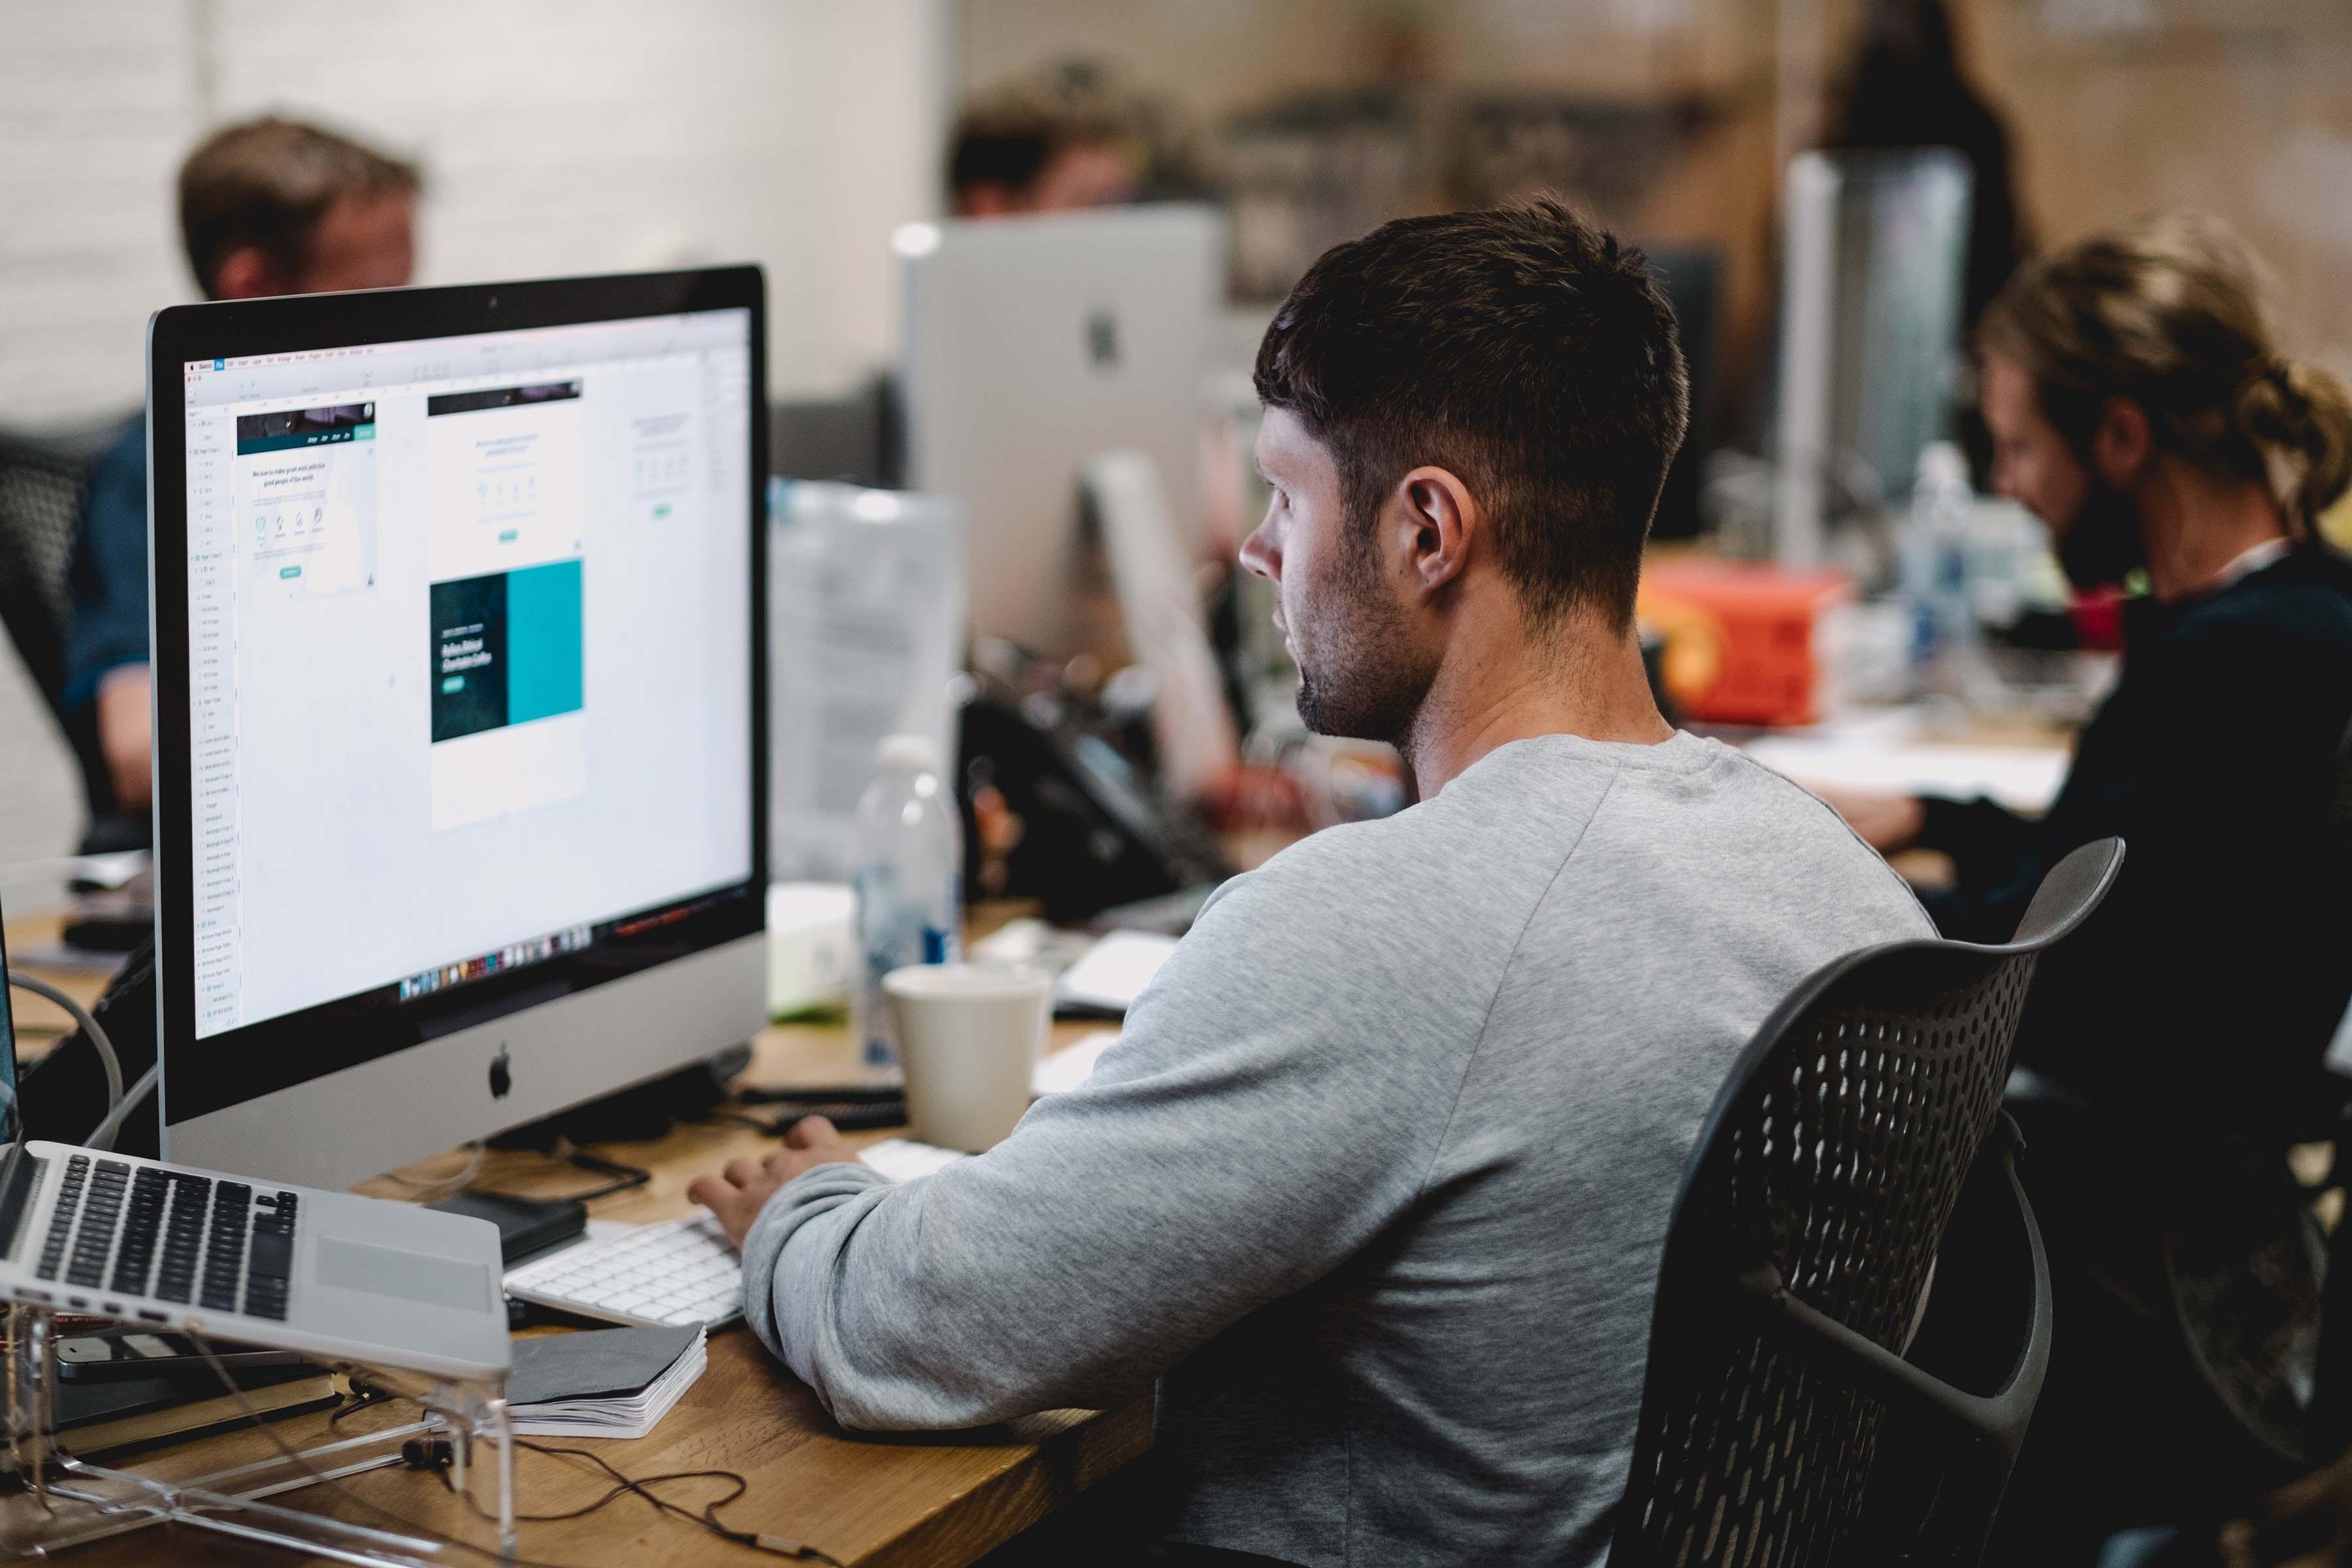 برای استخدام فوری در شغل توسعه دهنده رابط کاربری یک سری نیازمندیهای تخصصی تعریف شده است که شما باید به عنوان کارشناس این ردیف شغلی از آن برخوردار باشید.